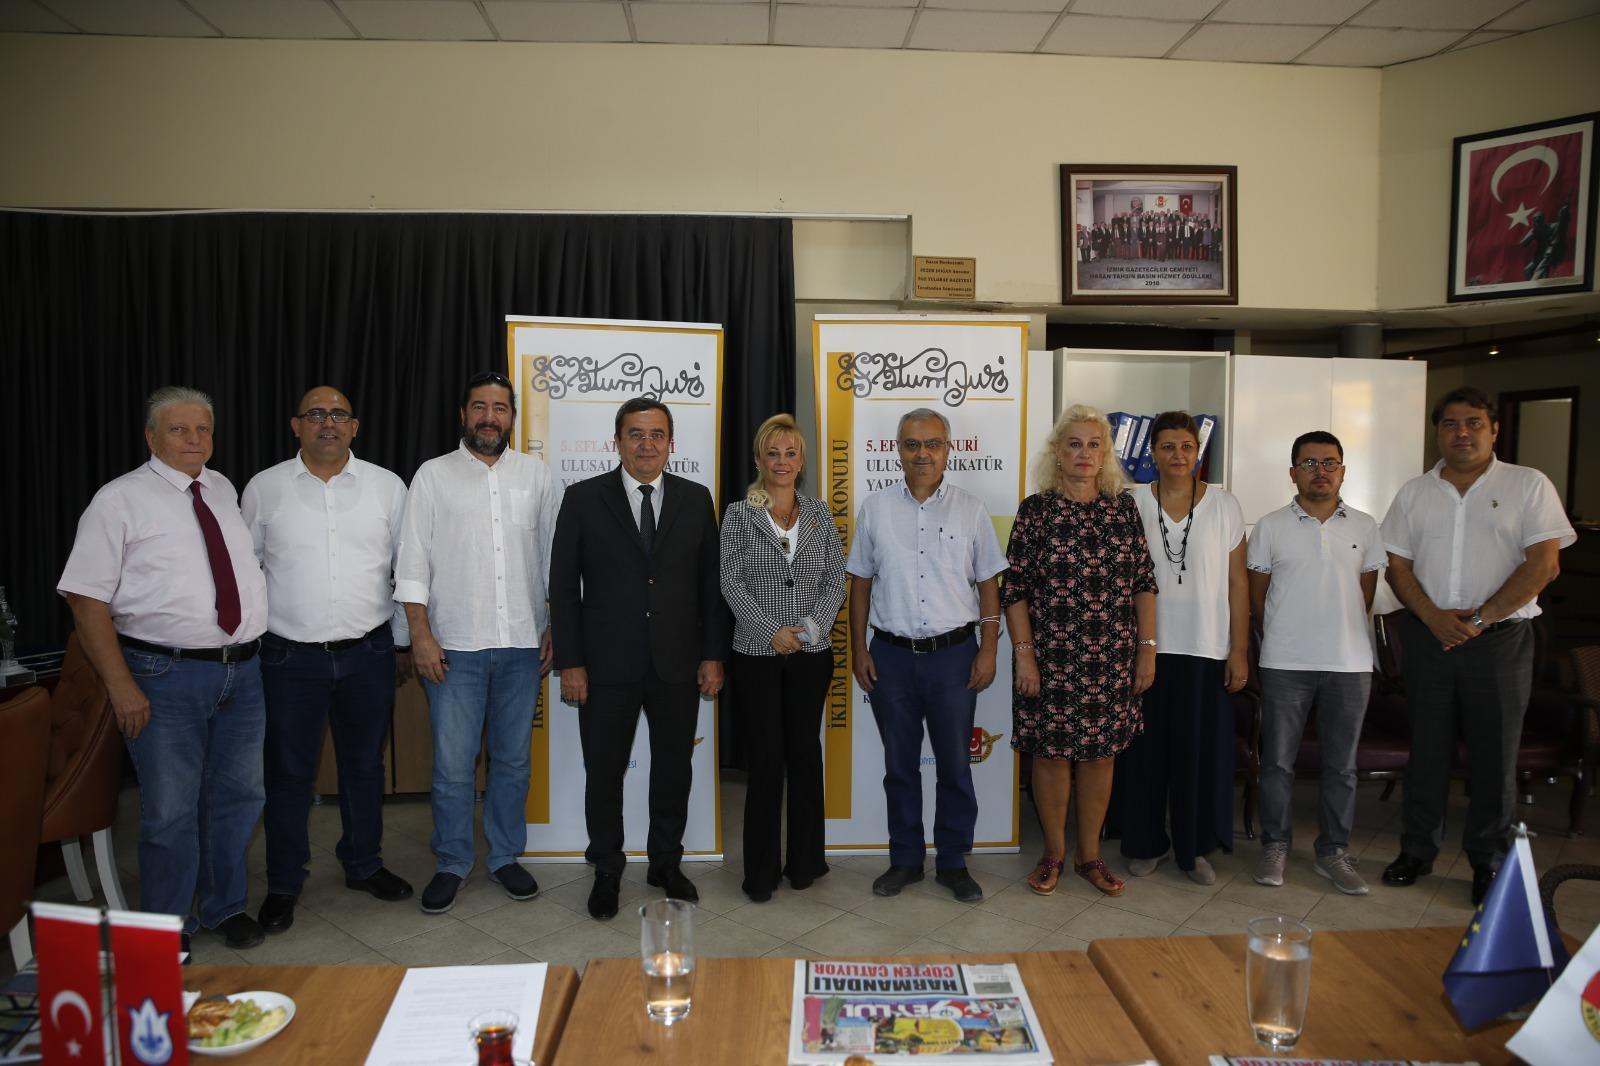 Eflatun Nuri Ulusal Karikatür Yarışması Basın Toplantısı (5)